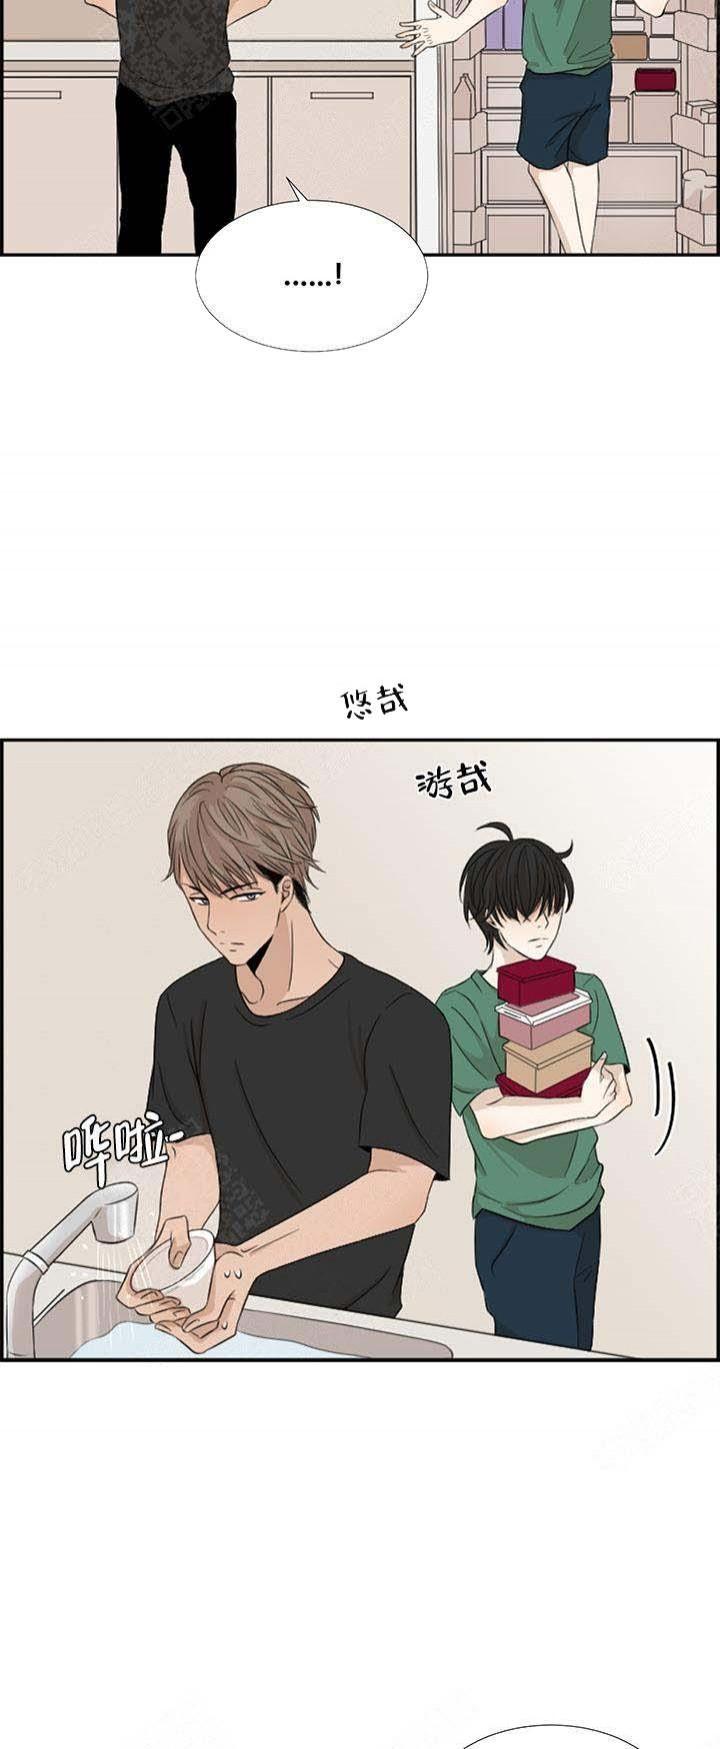 黑豆-免费漫画完整版汉化_最新连载首发-啵乐漫画